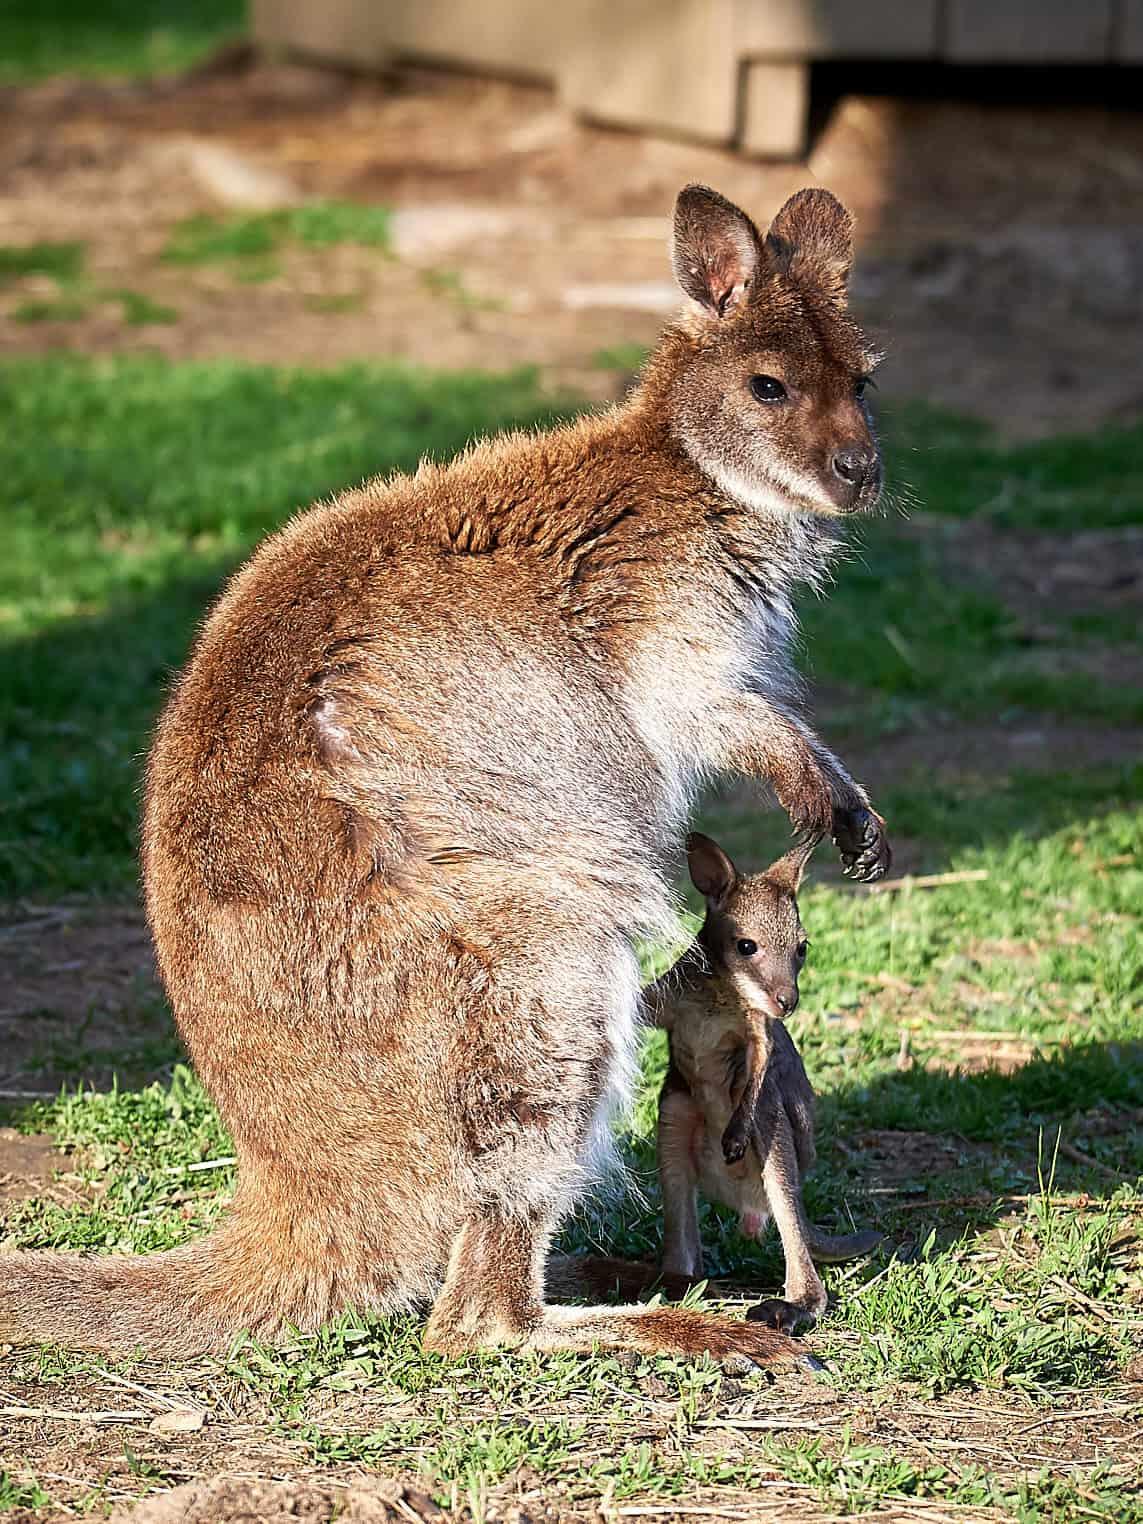 Tiere mit Baby im Streichelzoo Rosegg Nähe Velden am Wörthersee in Kärnten